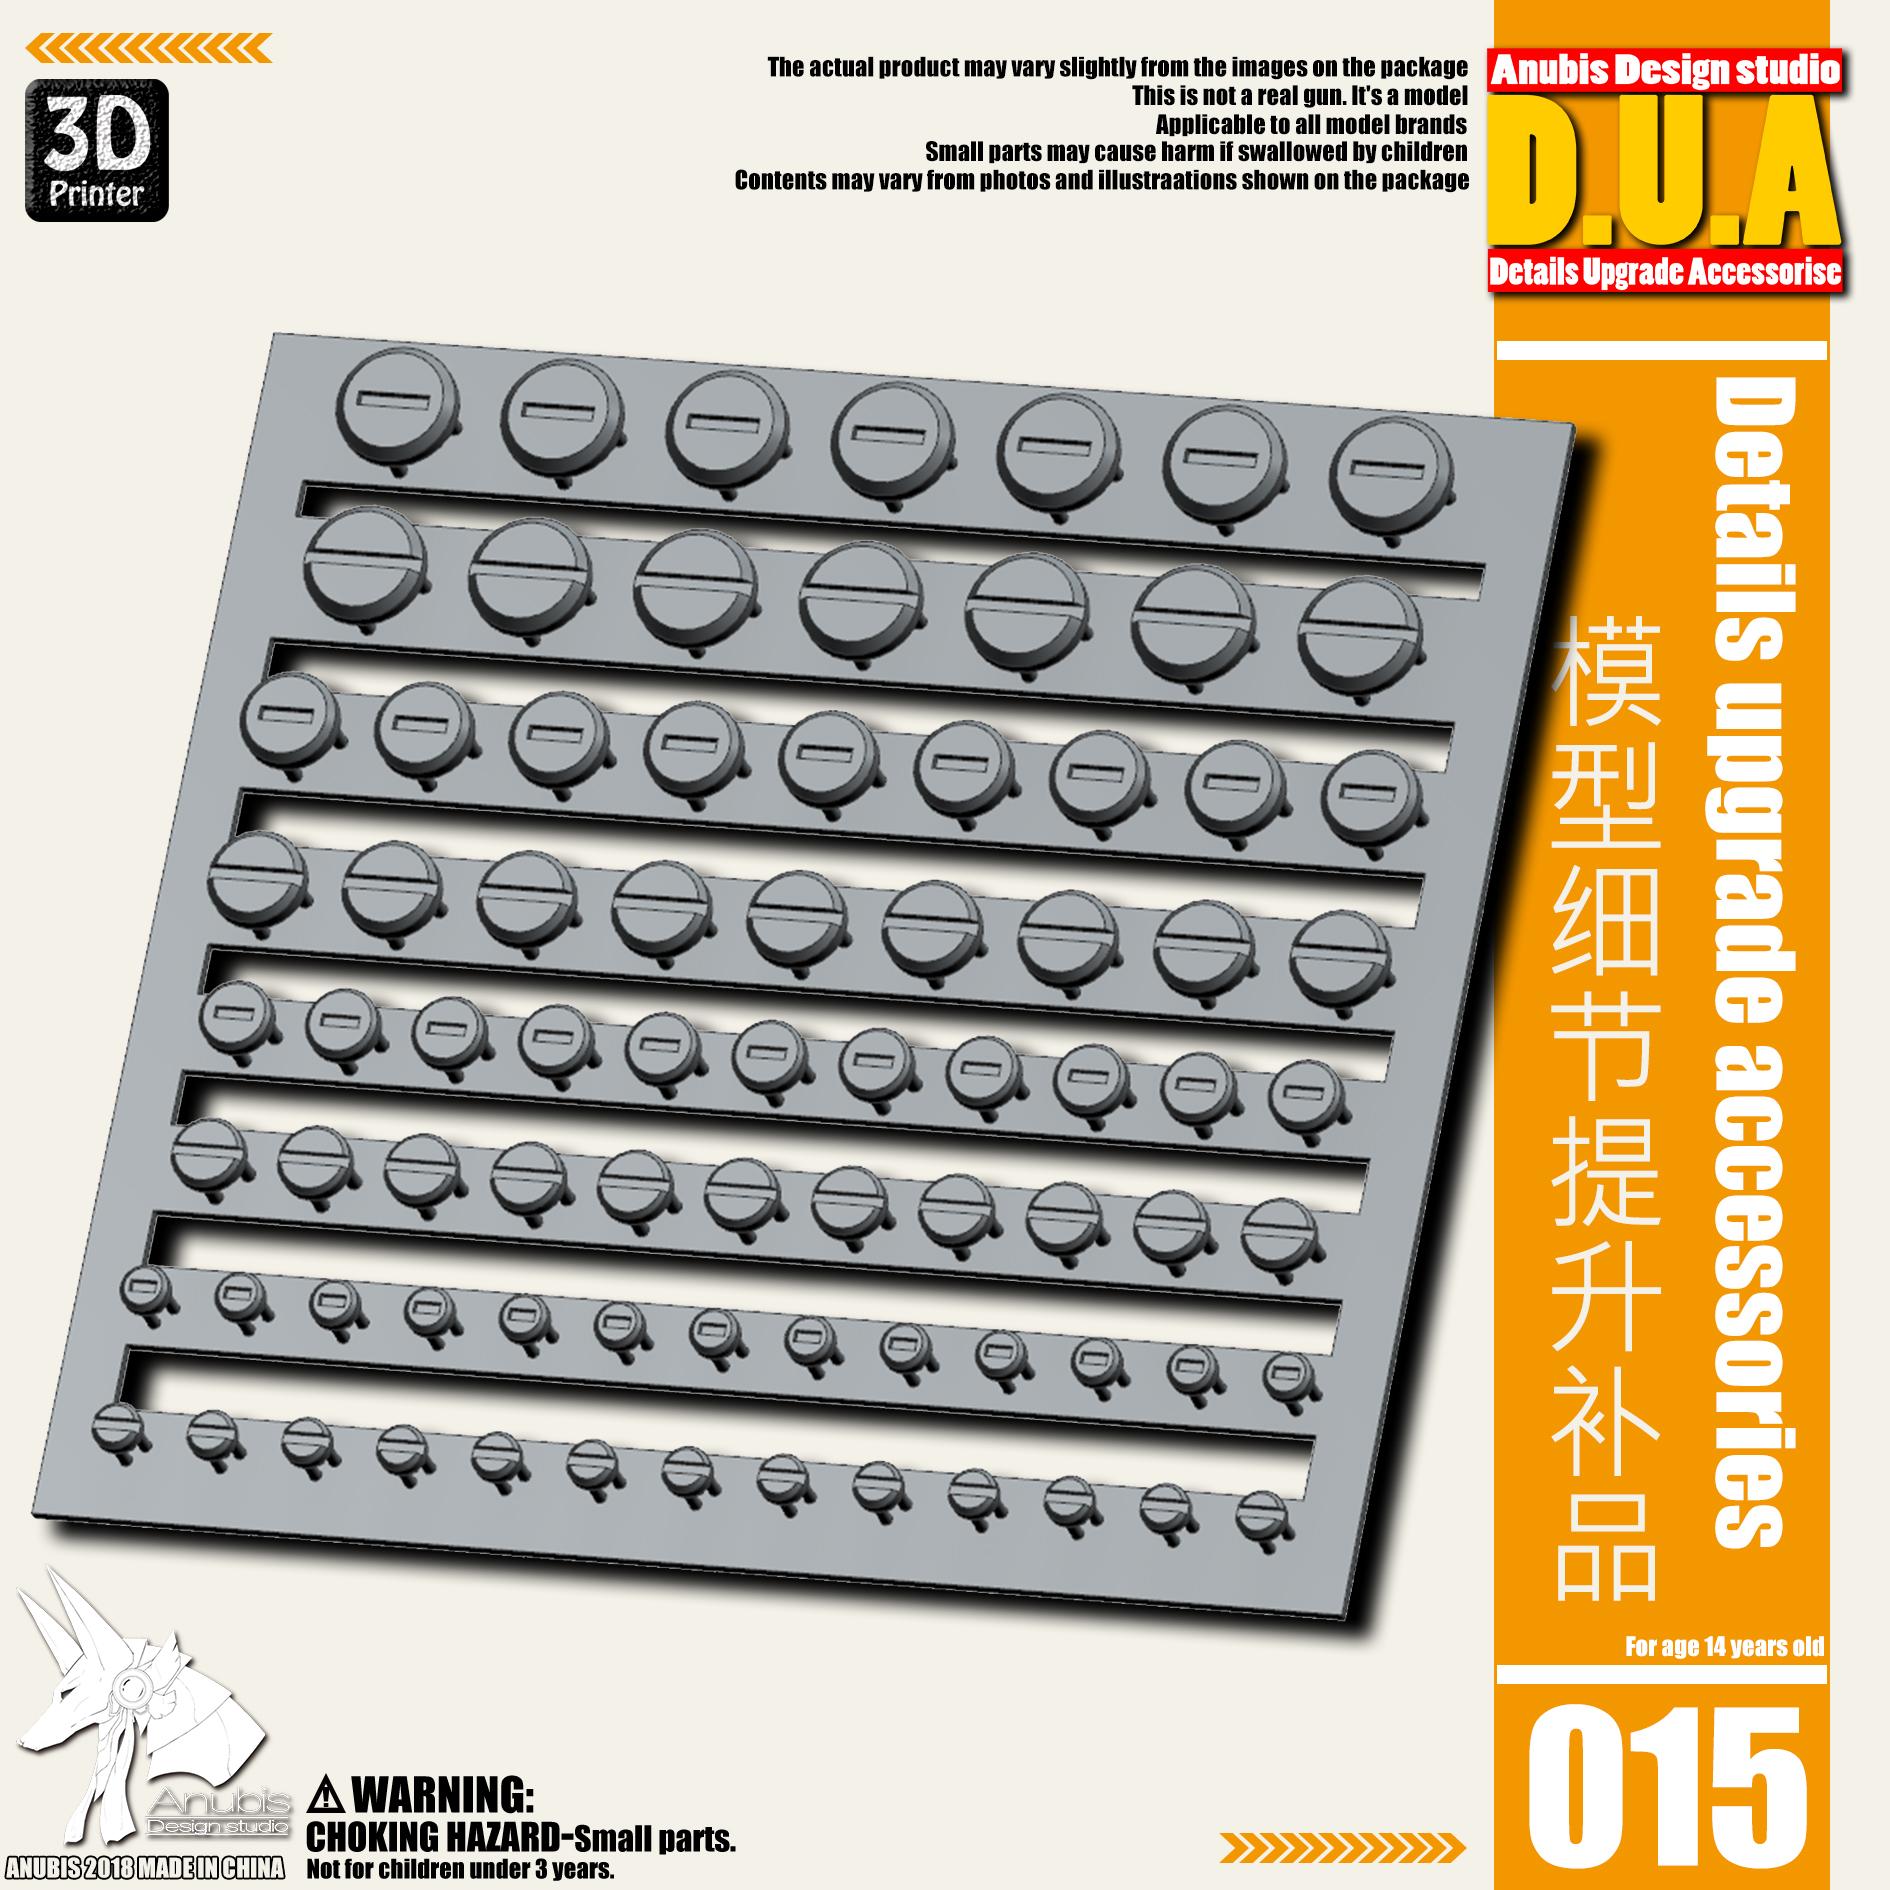 G413_DUA015_005.jpg